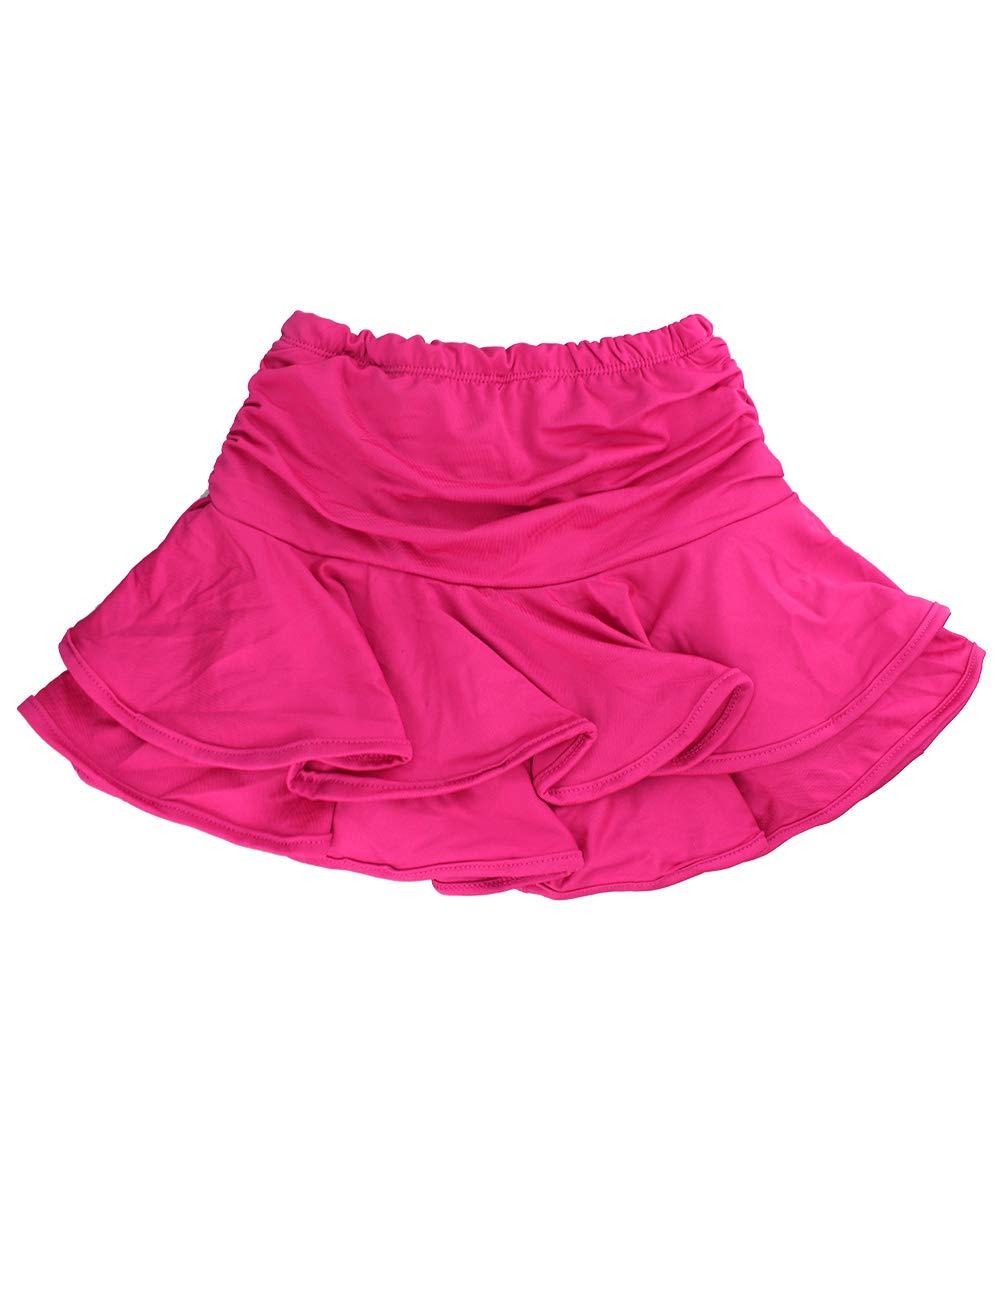 Daydance Girl's Dance Skirt Latin Ballroom Samba Tango Practice Dress with Boy Shorts 9 Colors by Daydance